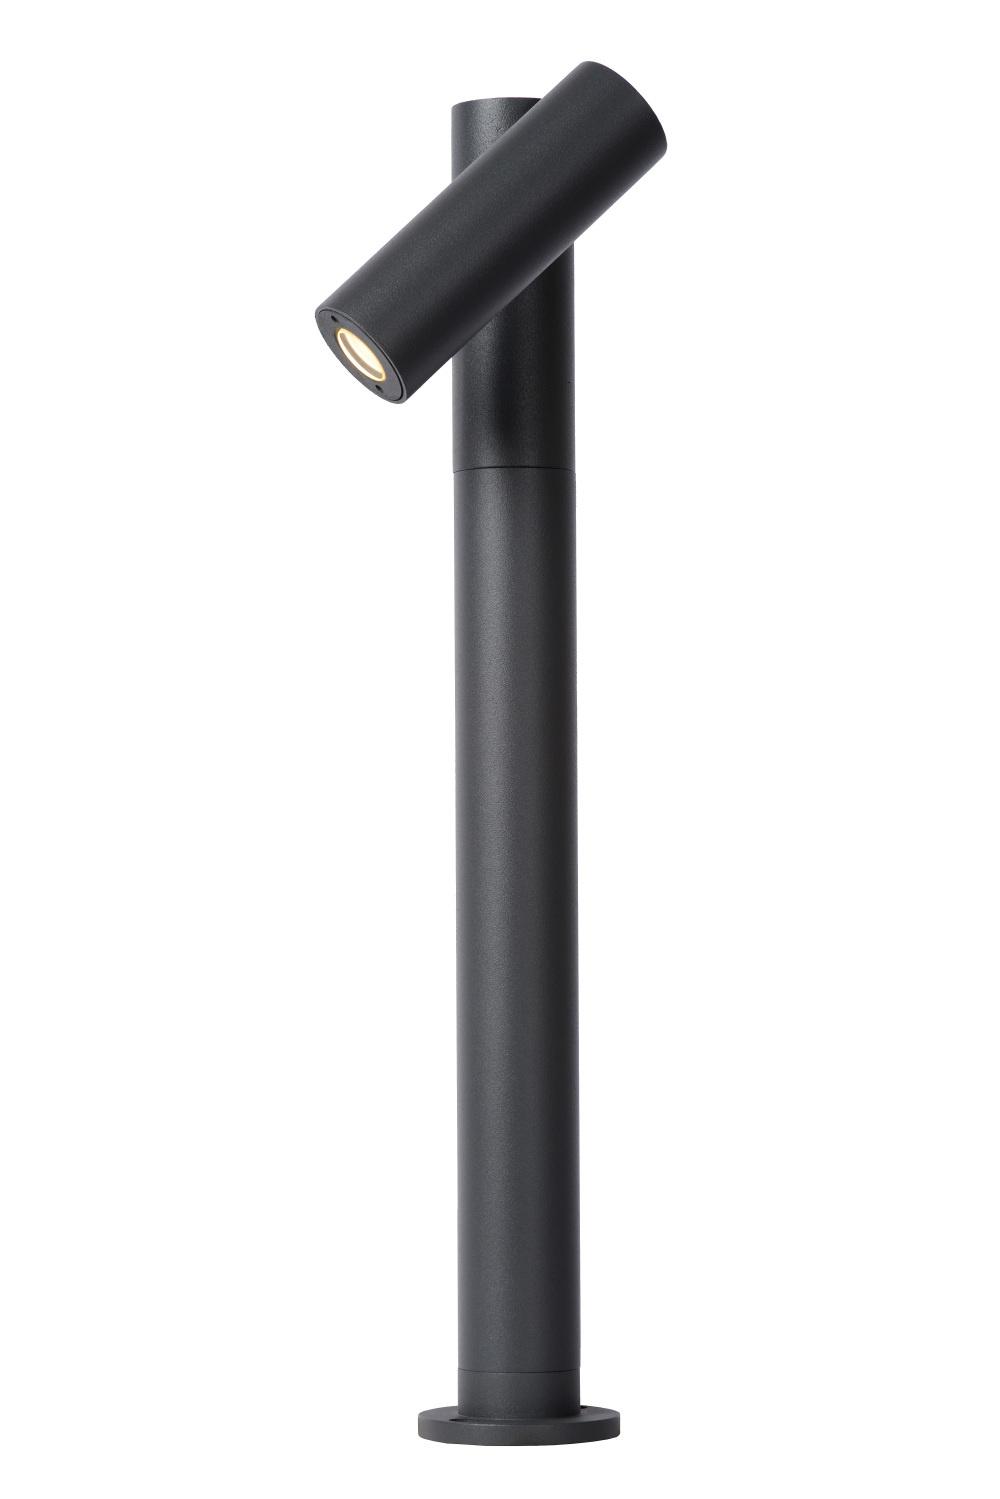 Lucide TATUM Tuinspot LED 4.5W H43cm Antraciet